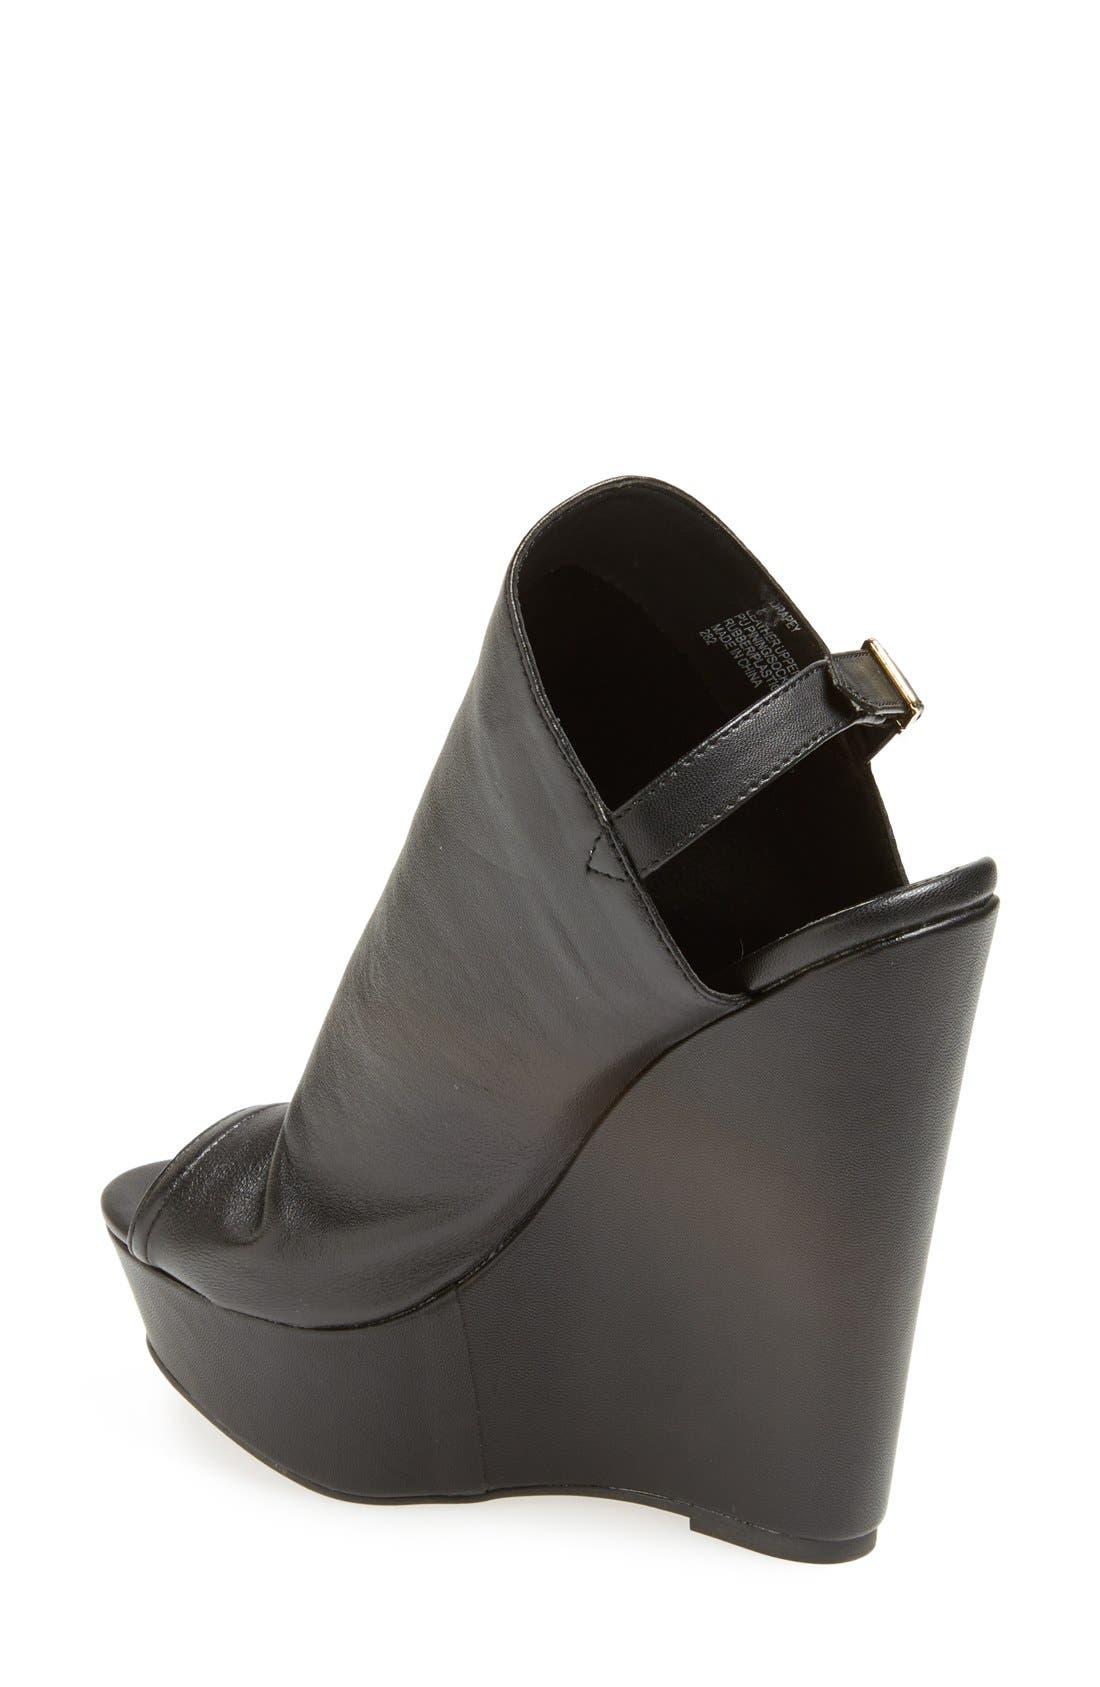 Alternate Image 2  - Steve Madden 'Drapey' Wedge Sandal (Women)